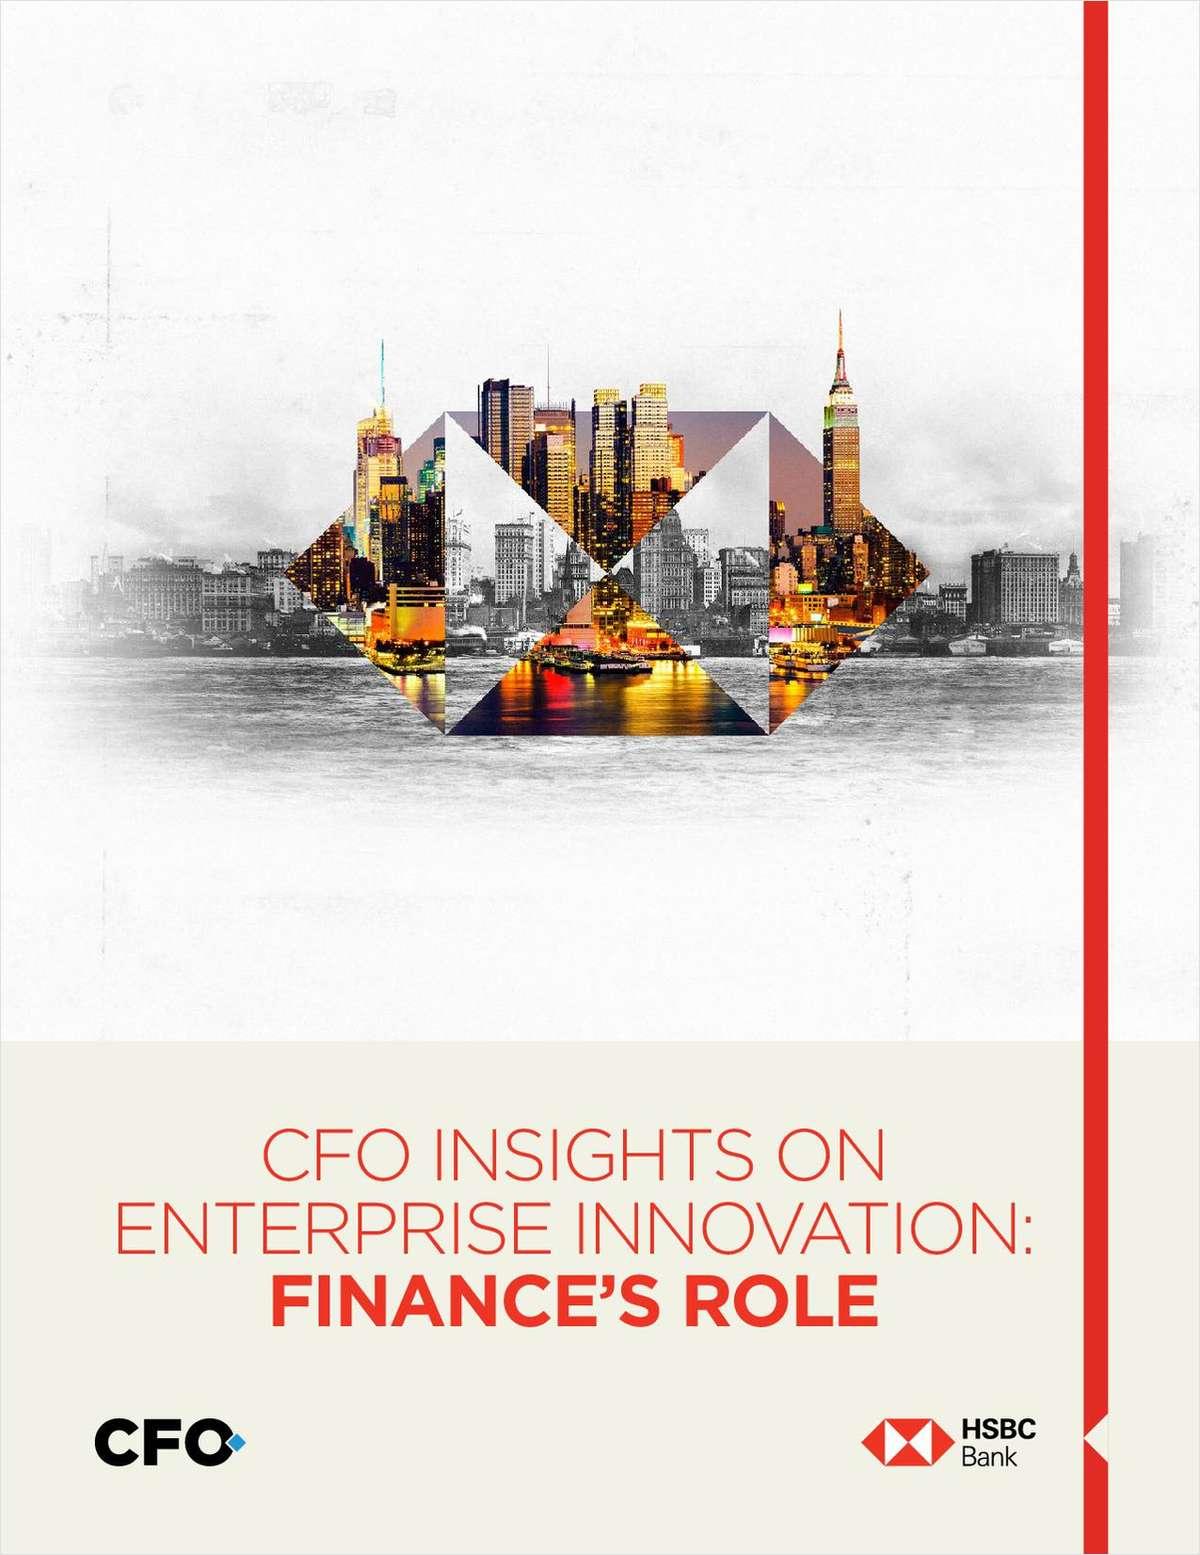 CFO INSIGHTS ON  ENTERPRISE INNOVATION: FINANCE'S ROLE